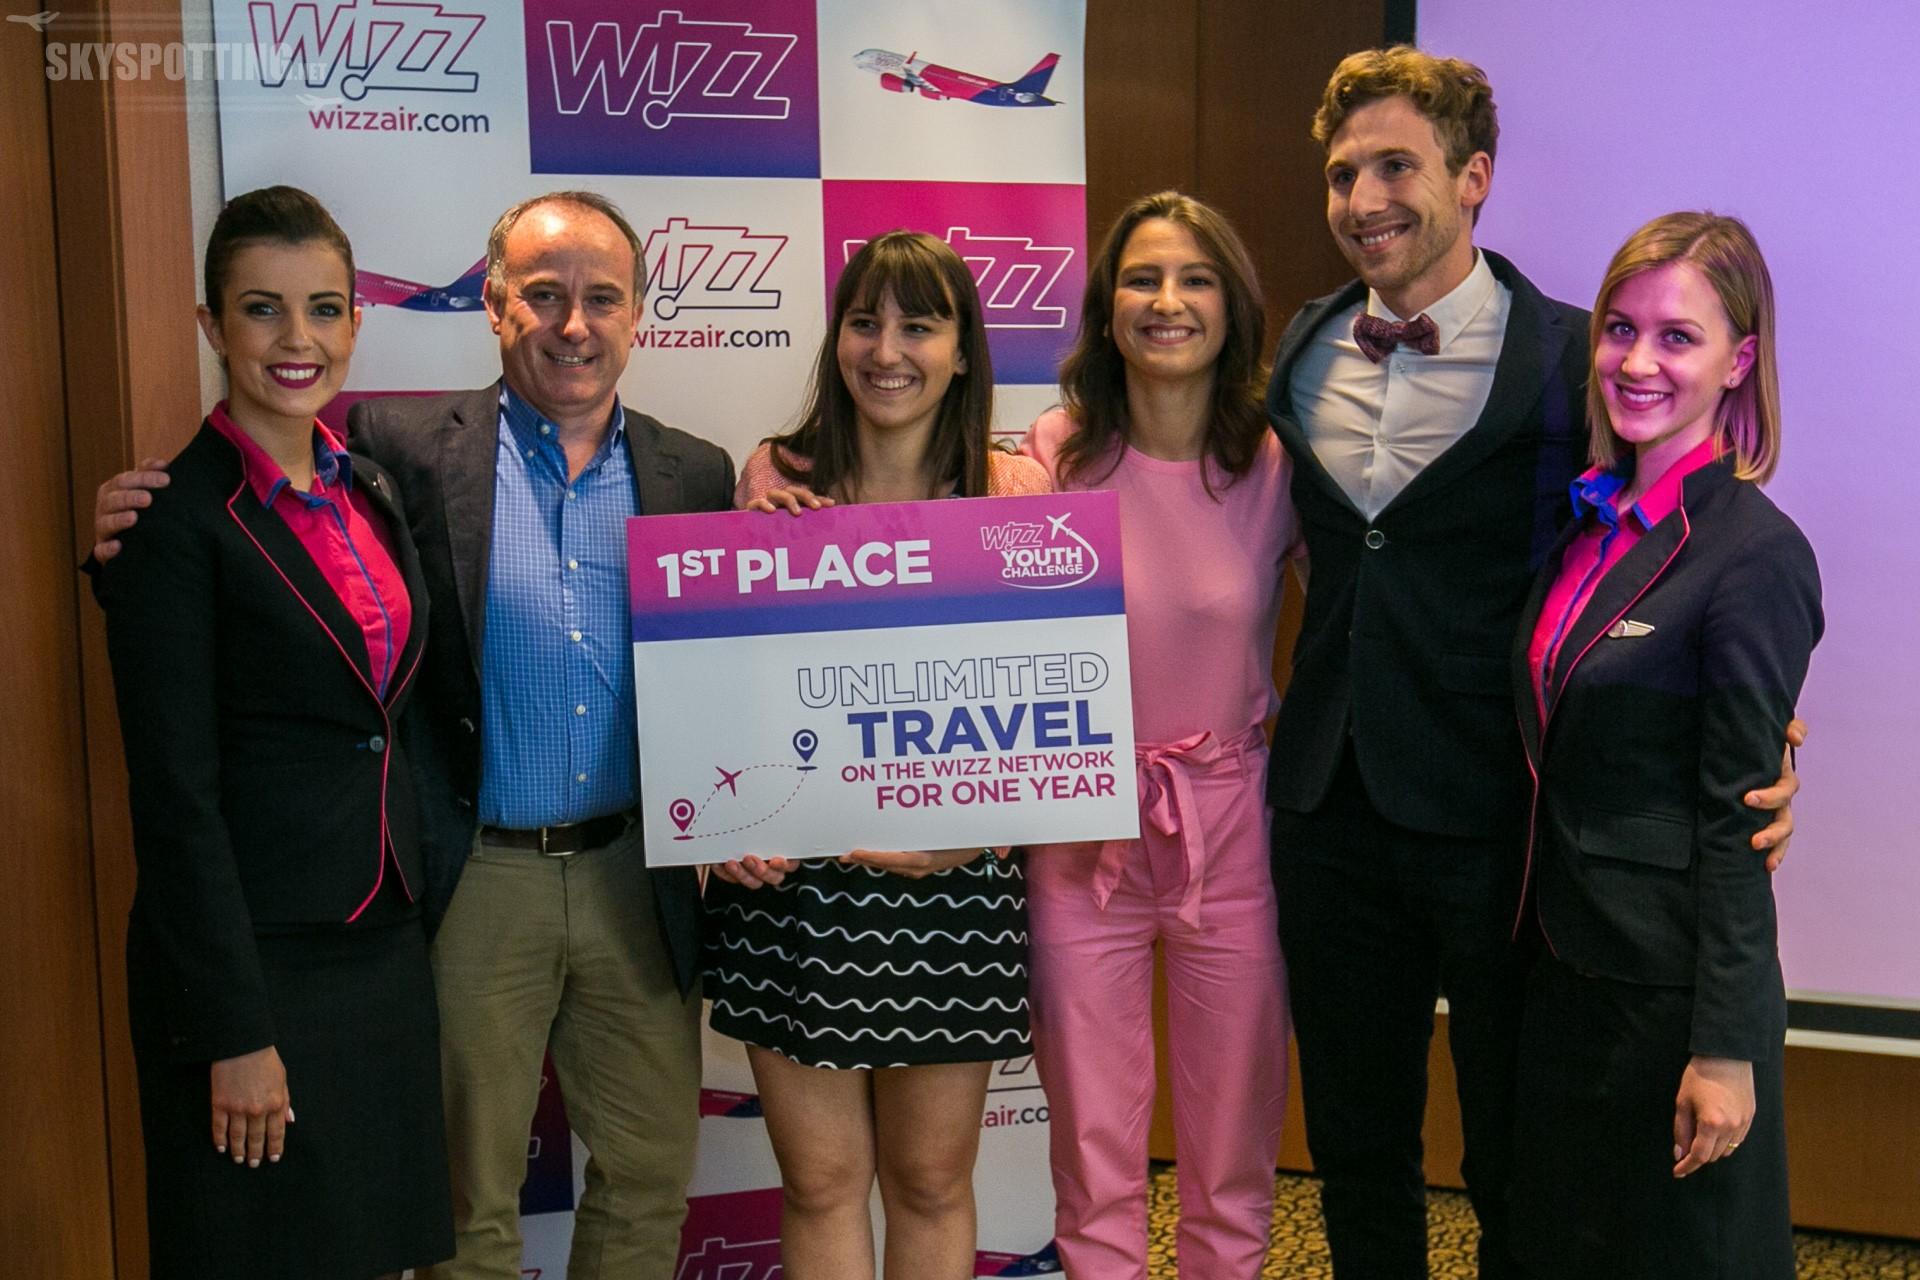 Wizz Air świętuje 13 lat stałego rozwoju i niezwykłych osiągnięć